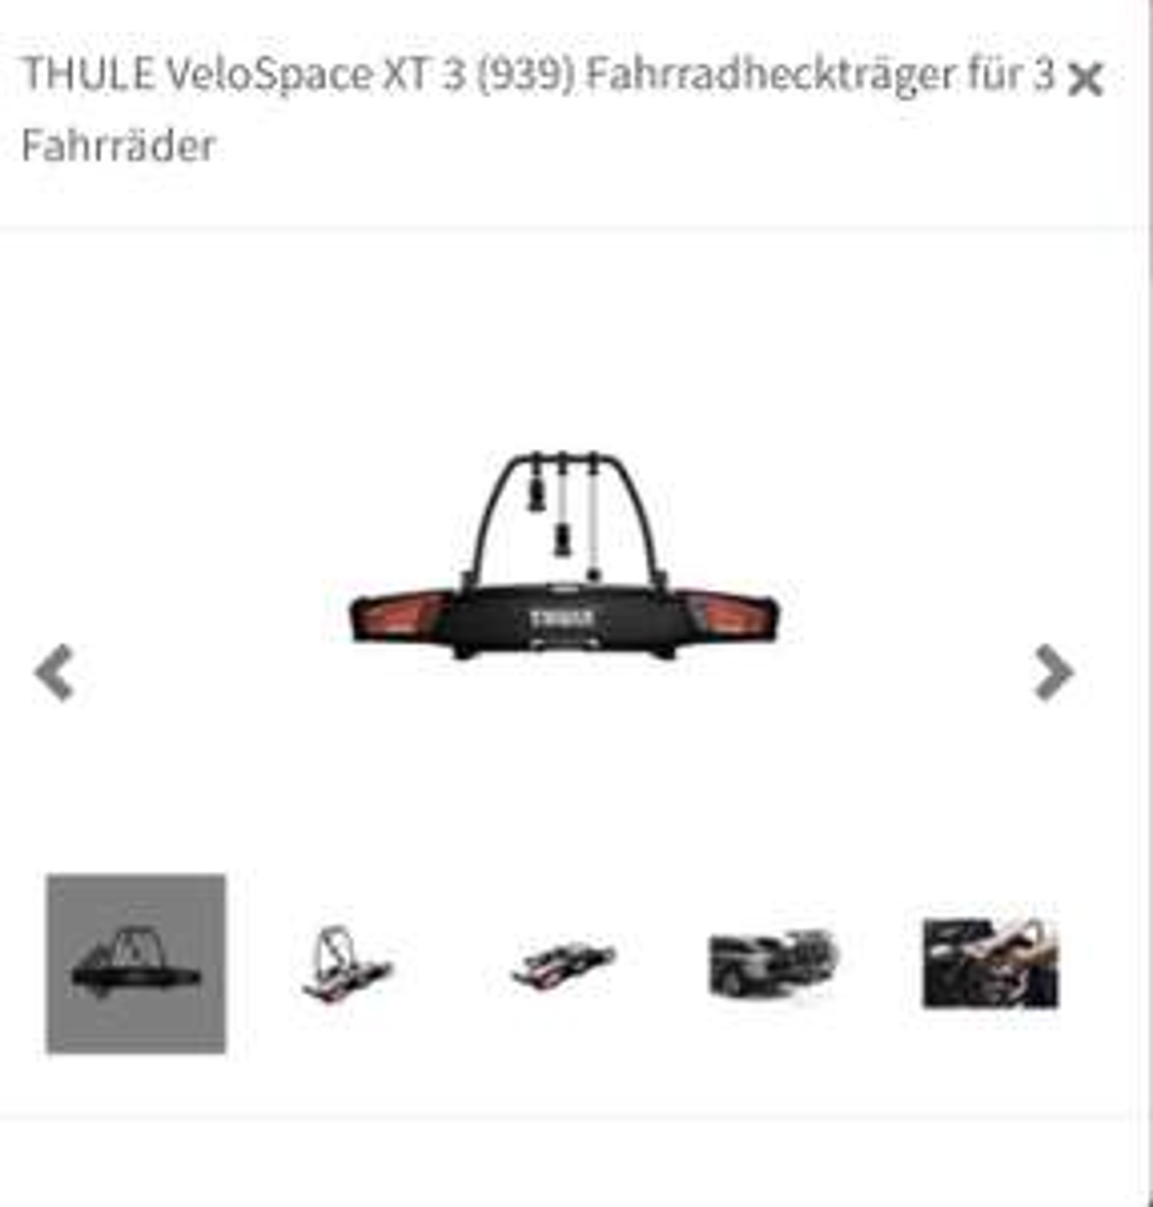 THULE VeloSpace XT 3 (939) Fahrradheckträger ATU ABHOLUNG